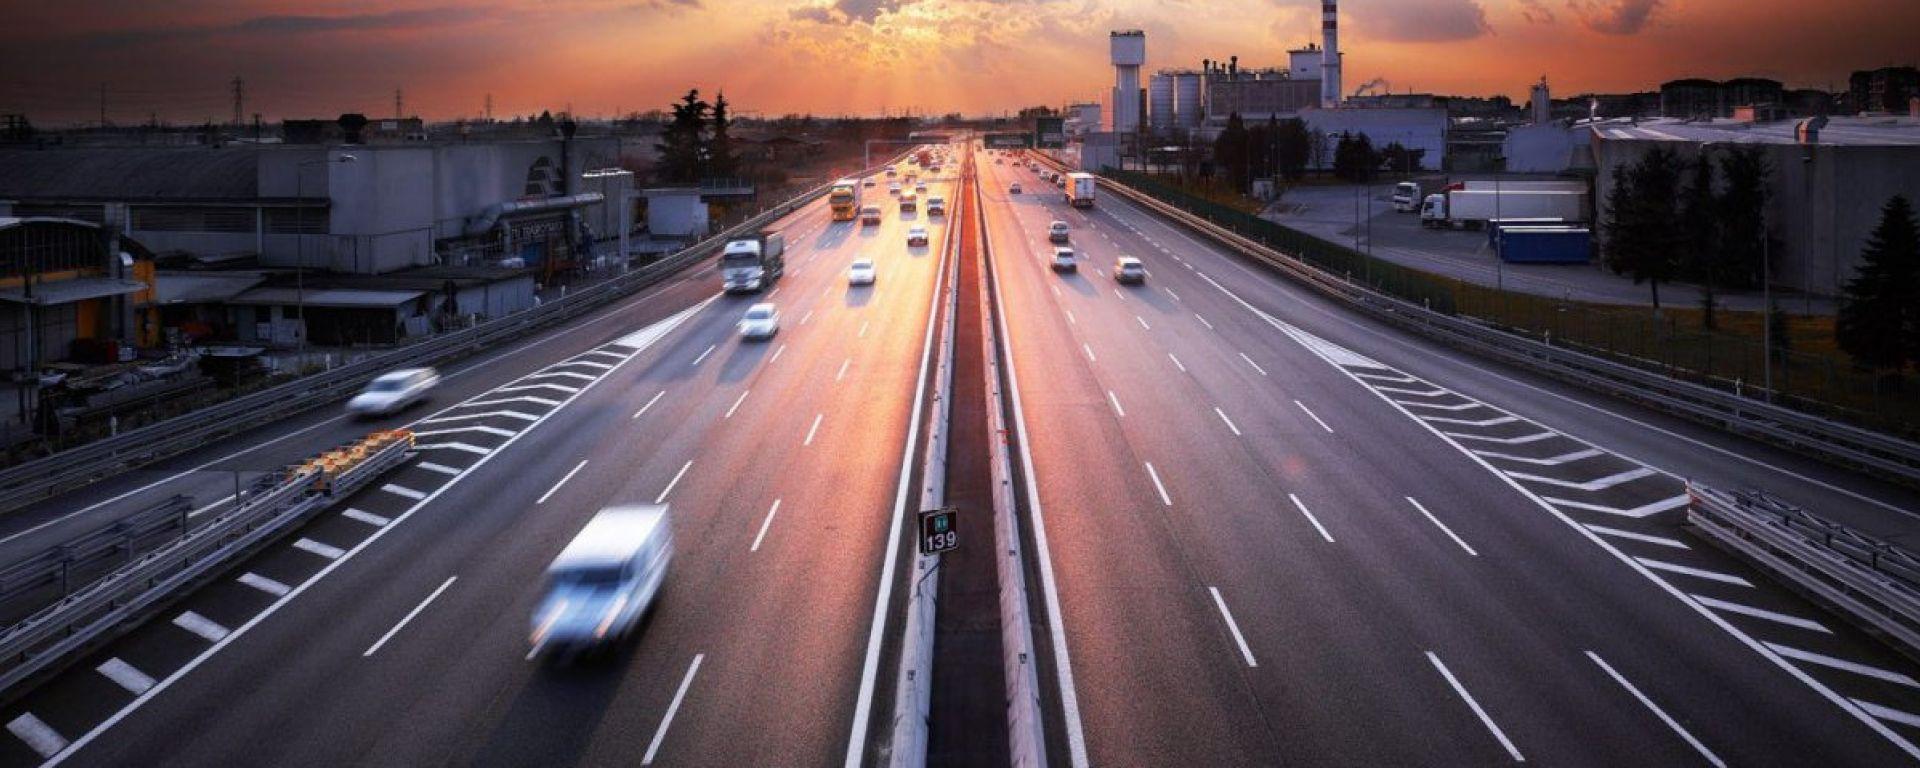 Autostrade per l'Italia: nessun rincaro